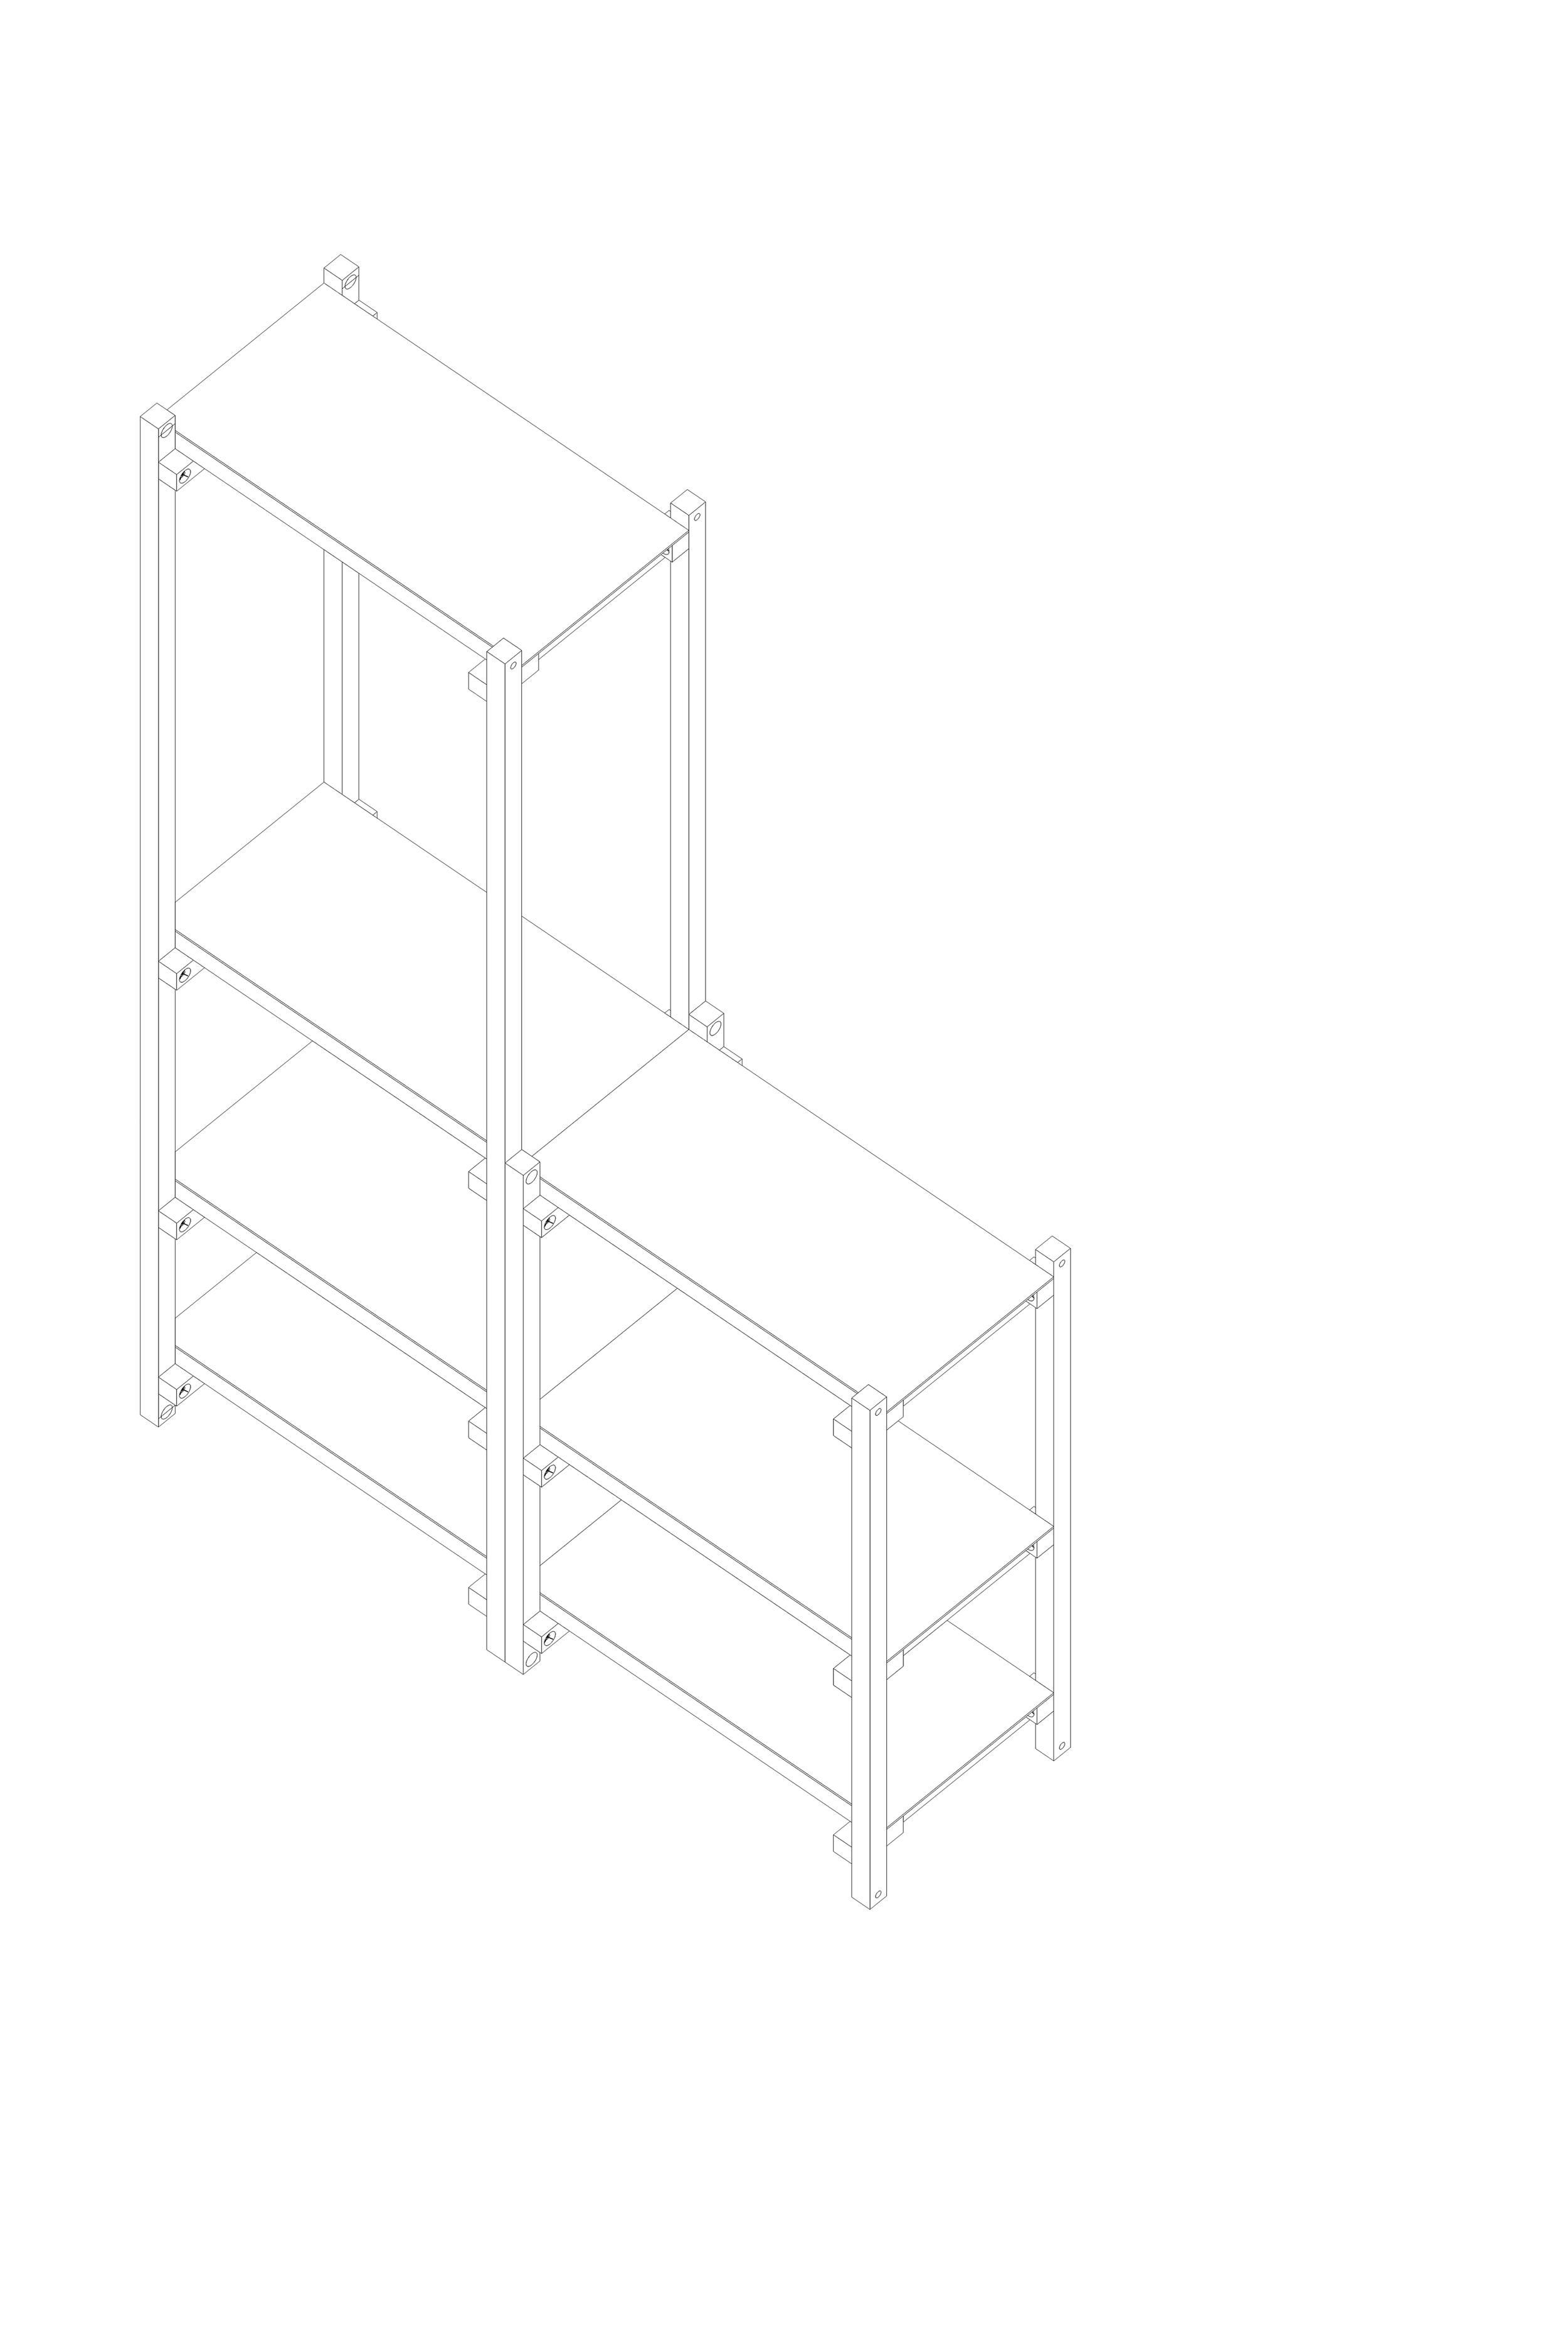 EM450 | EM900 | EM1800   Estructura de madera maciza de guatambú. Sistema de ensamble.  Dimensiones: - 450 x 600 x 350 - 900 x 600 x 350 - 1800 x 600 x 350  Material de tabla: chapa3mm